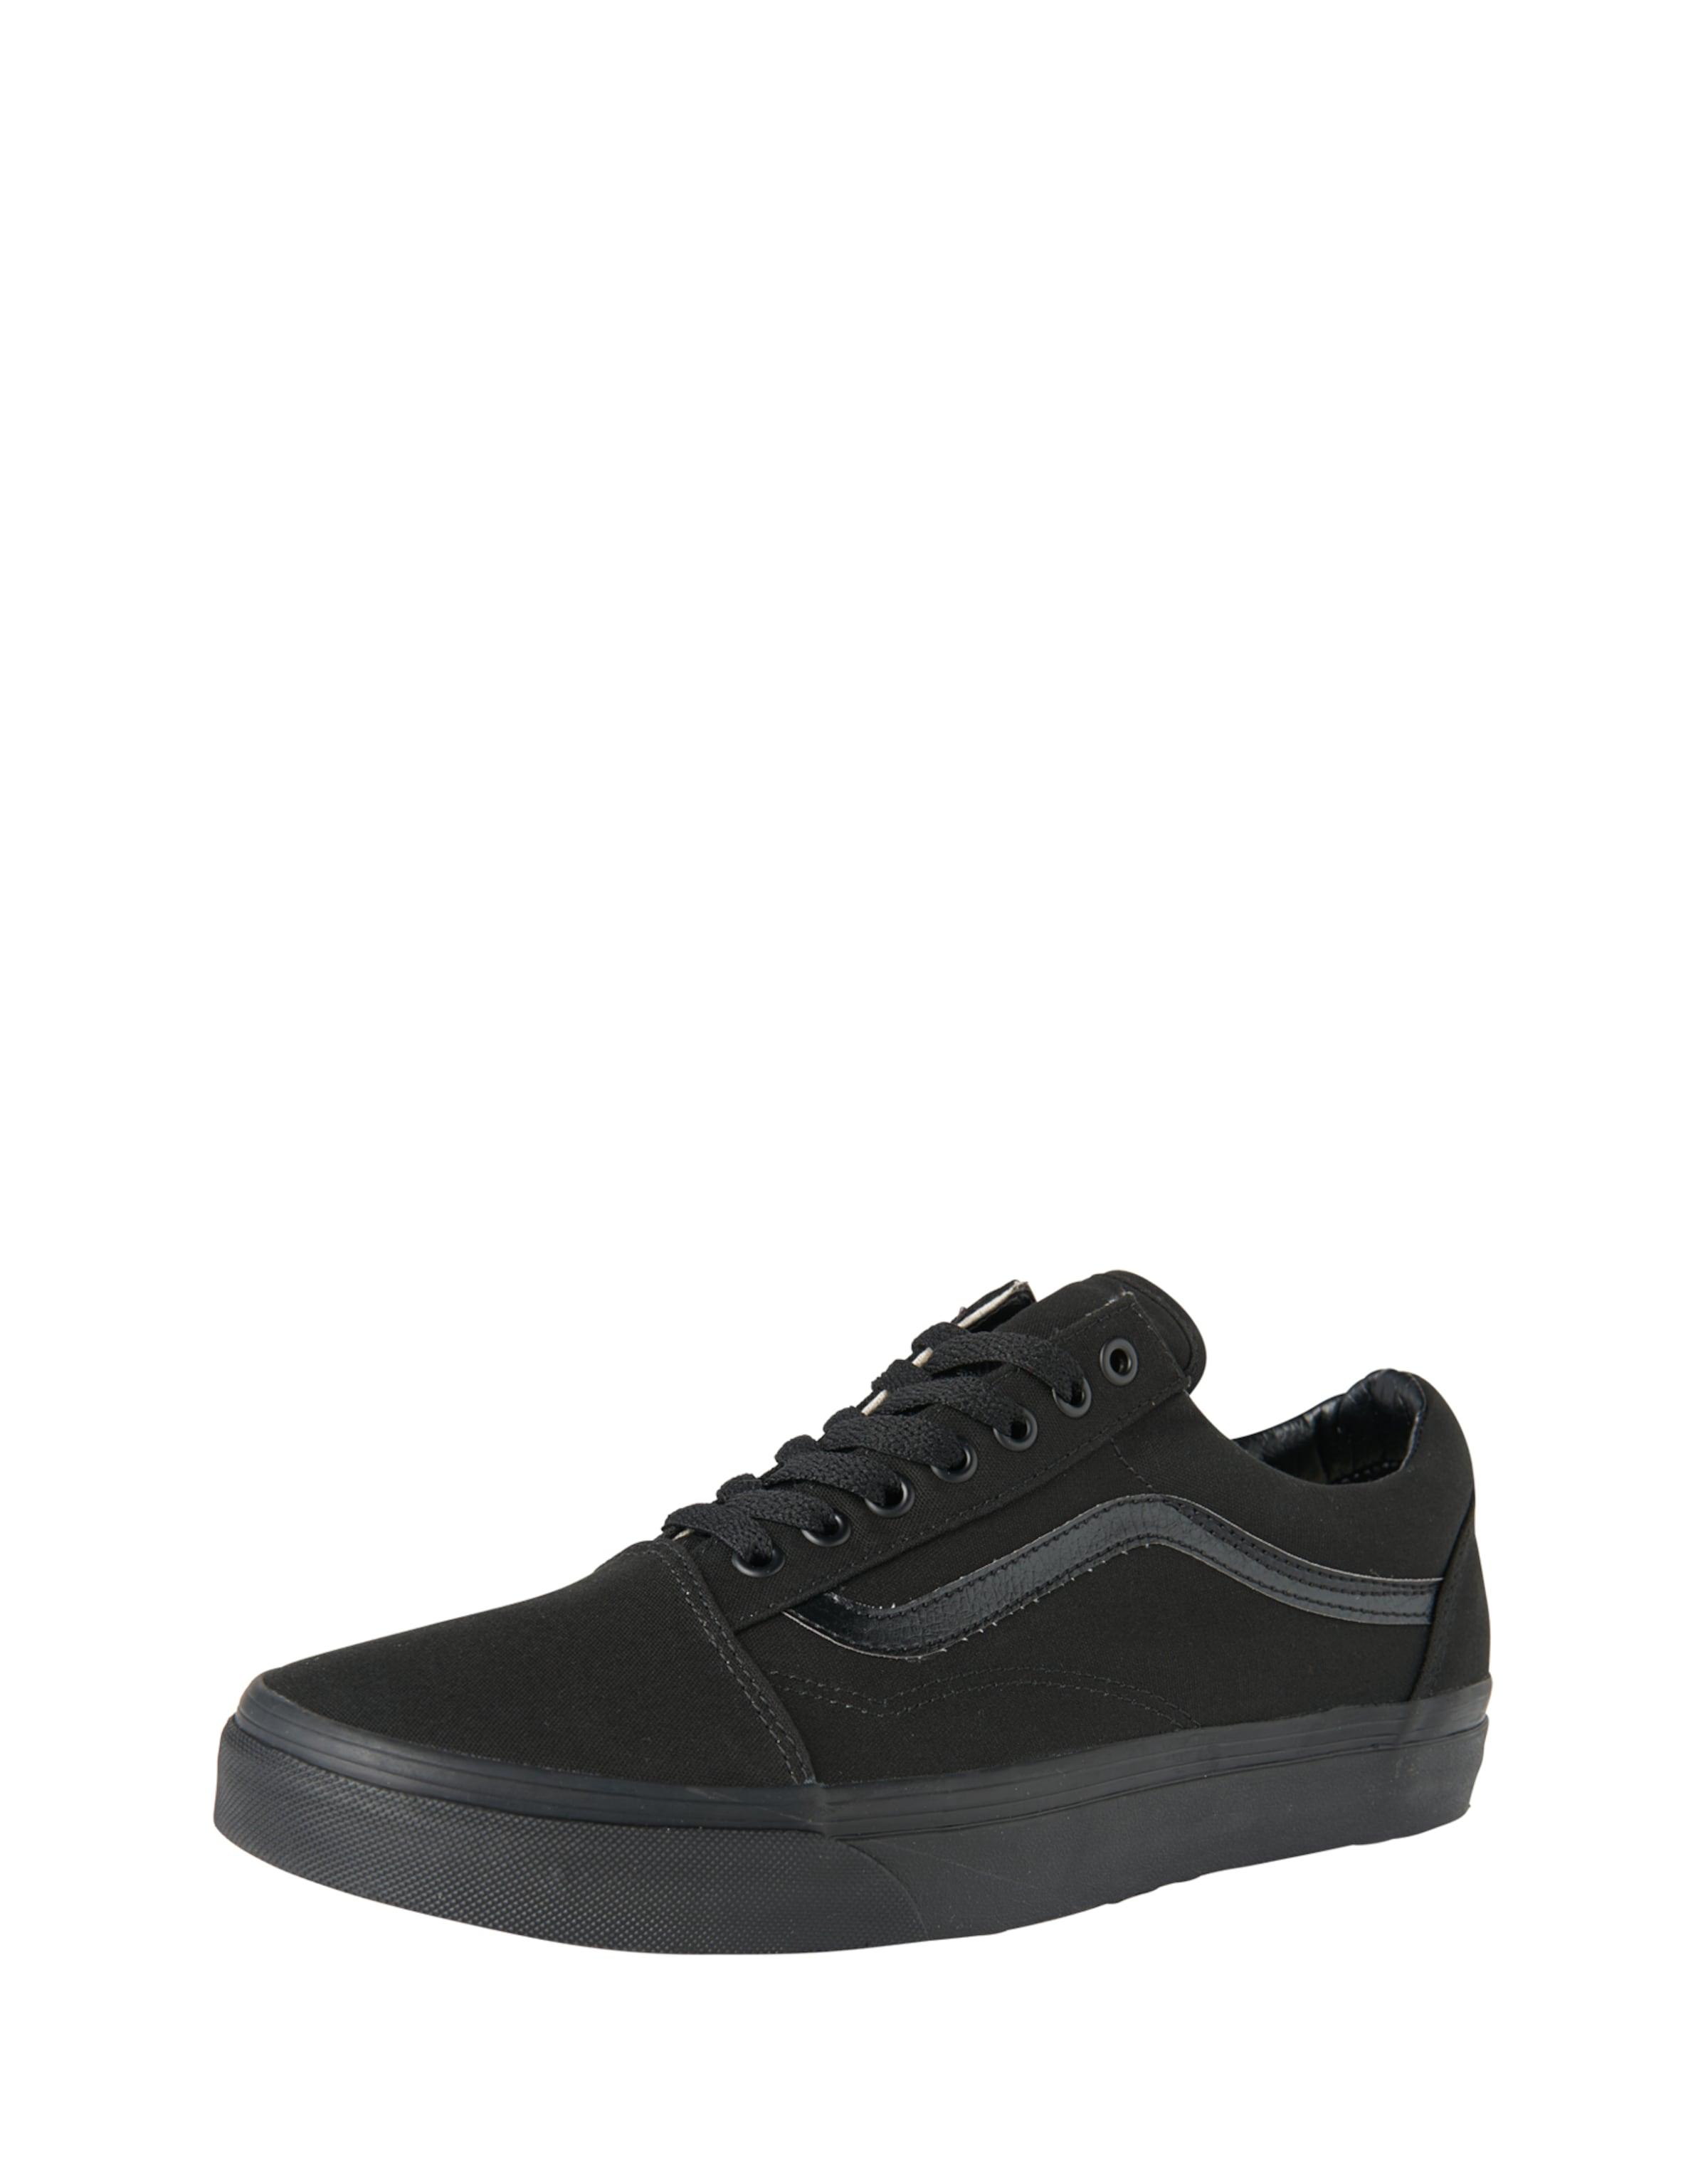 Low Skool' In Vans Sneaker 'old Schwarz 9IDWEH2Y